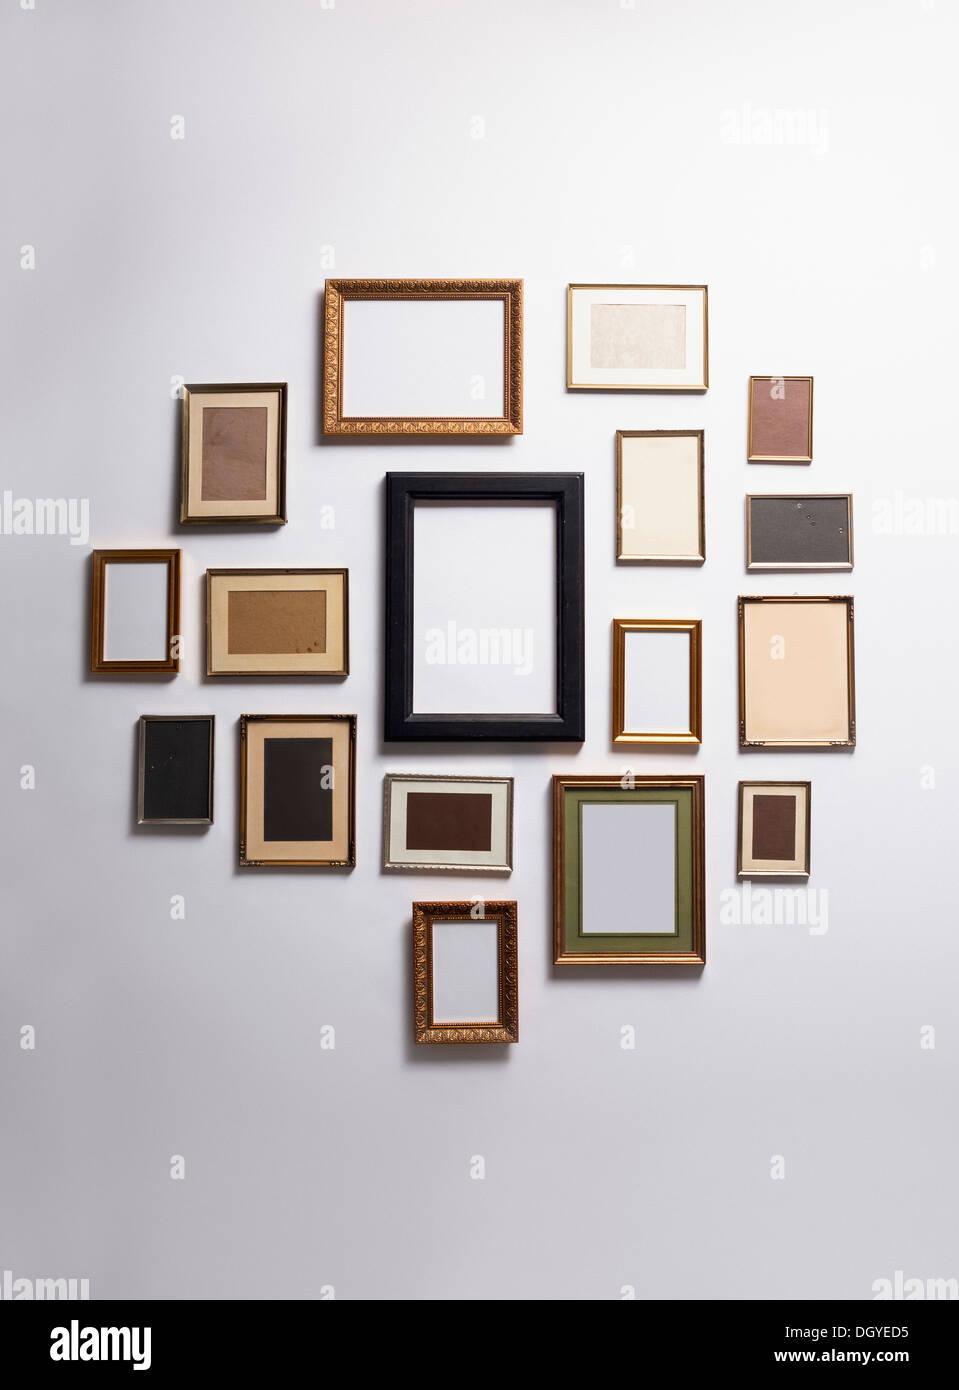 Verschiedene leere Bilderrahmen an der Wand hängen Stockfoto, Bild ...